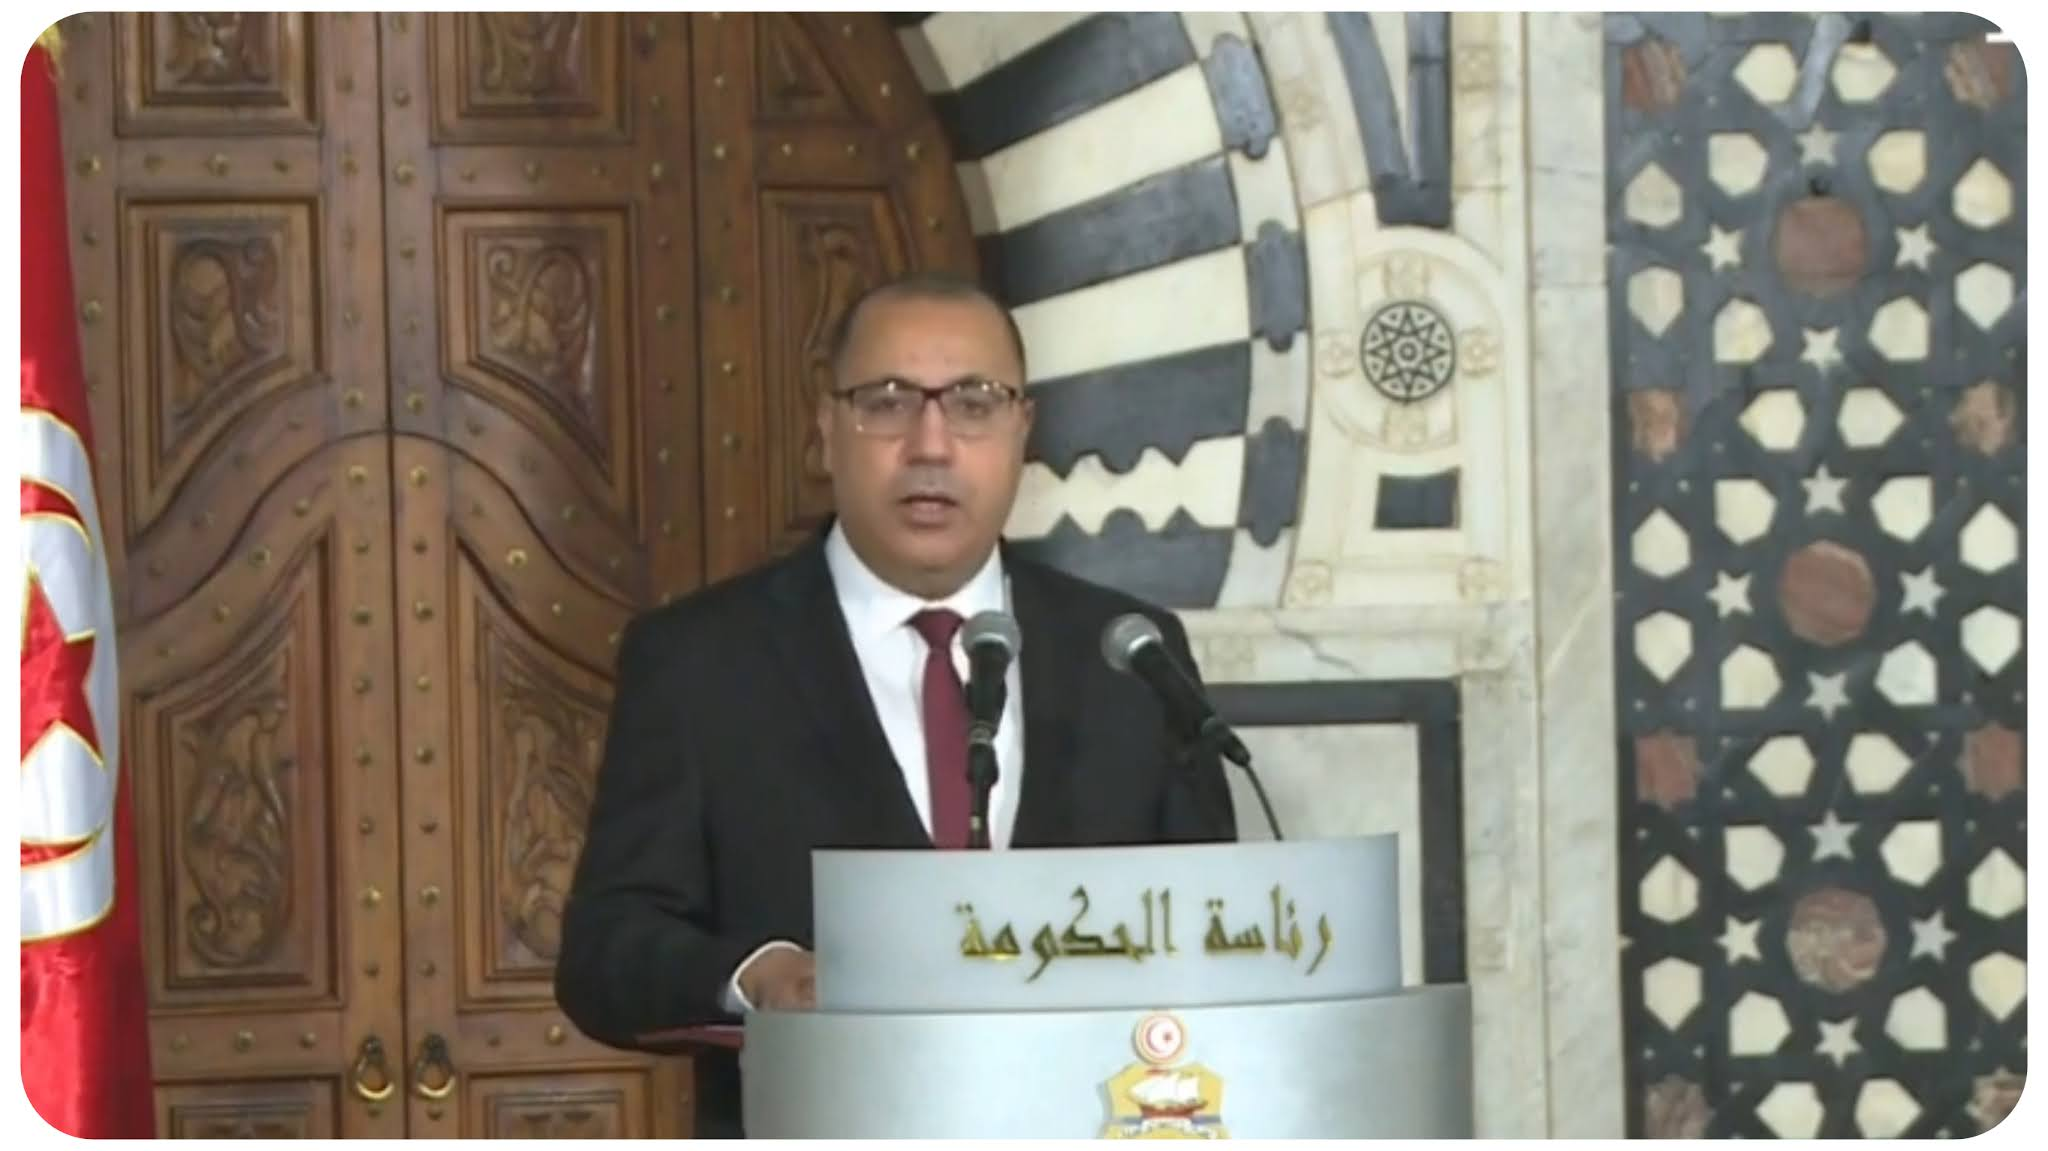 بالفيديو هشام المشيشي:مانيش مستعد باش نخاطر باقتصاد لبلاد... الحجر الصحي الشامل غير مطروح علميا وغير ممكن اقتصاديا واجتماعيا